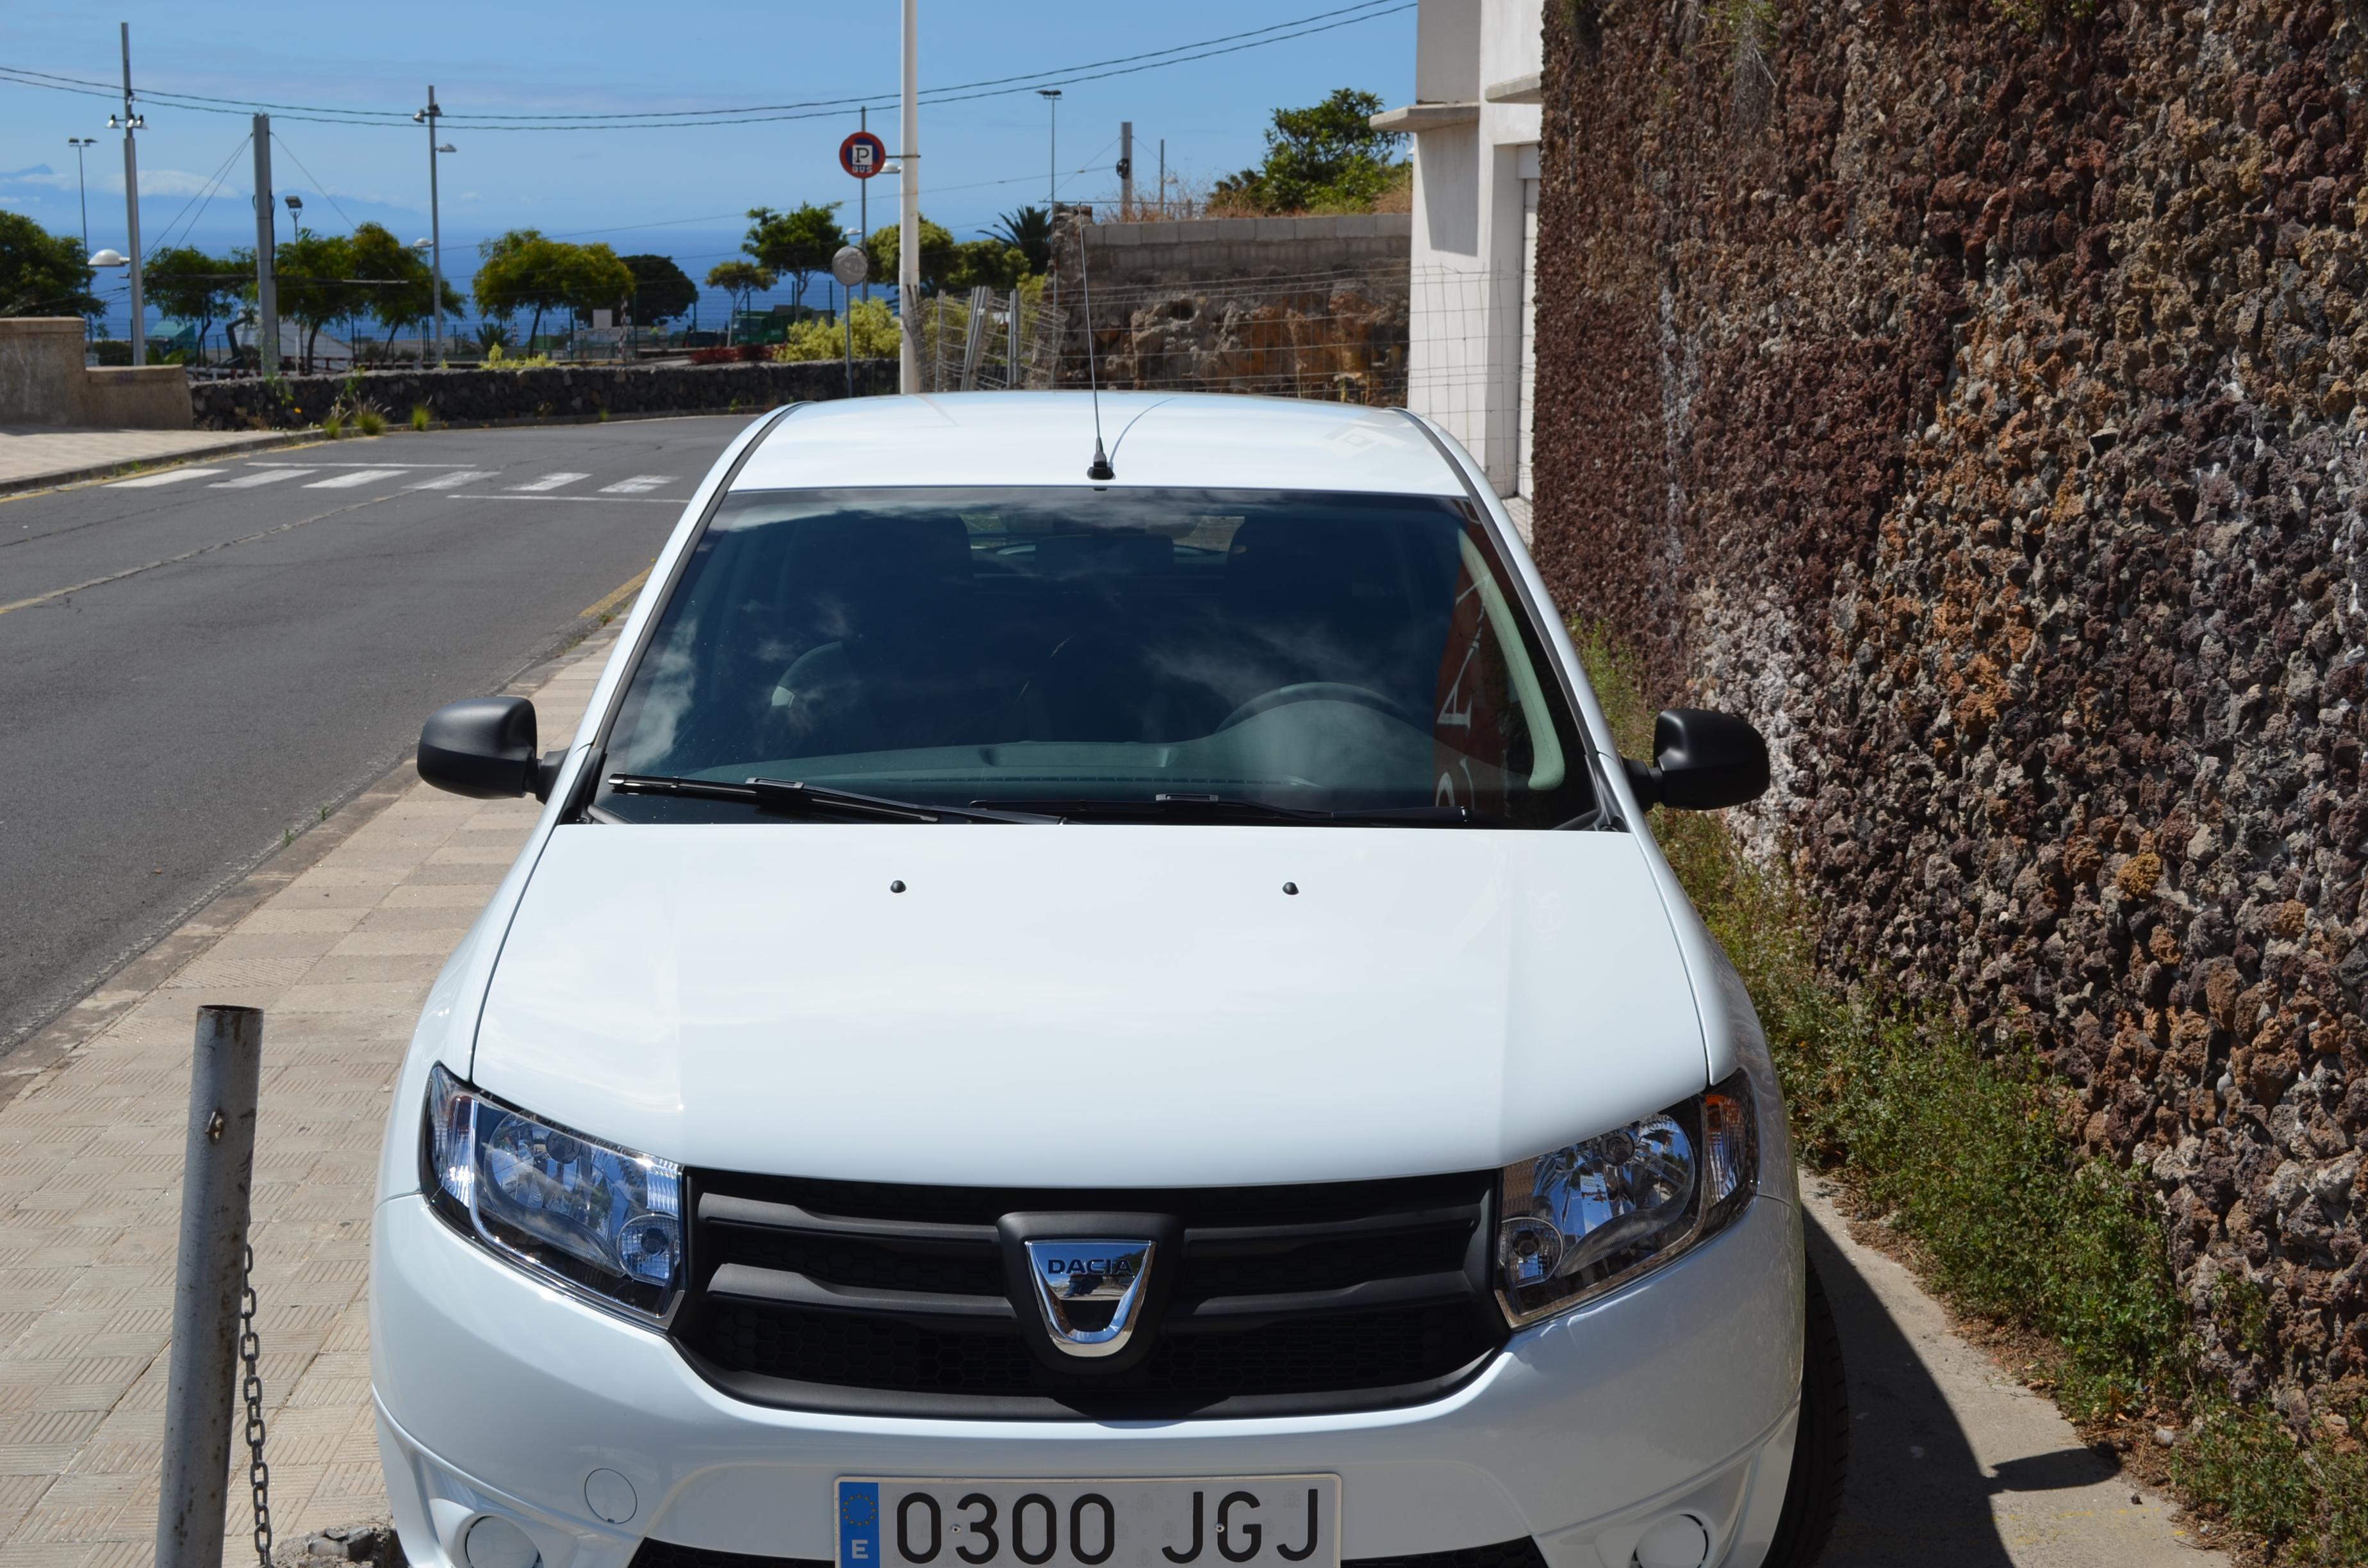 vehiculo de cortesia 001